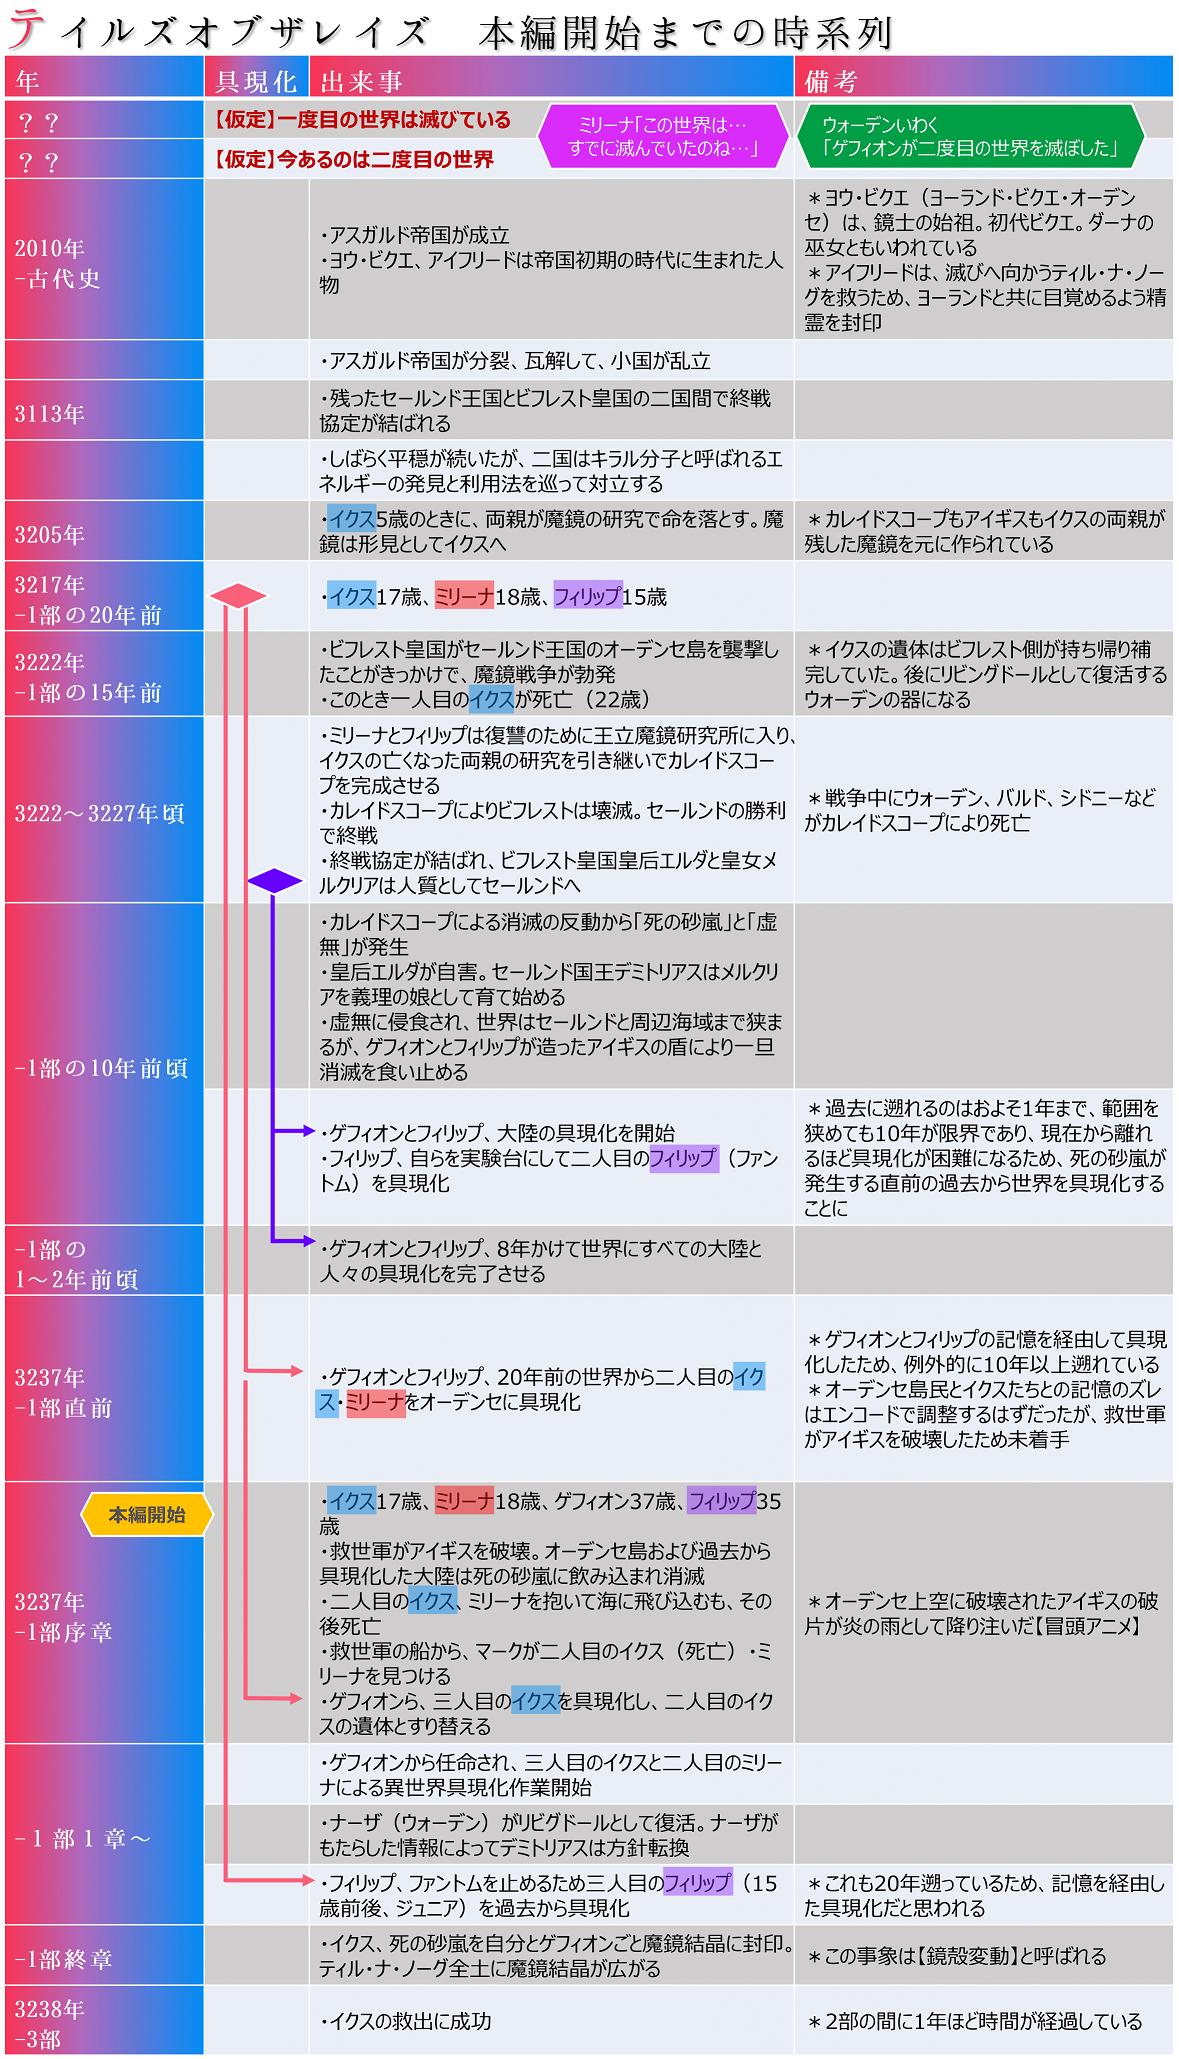 f:id:uonoushiro:20190127144201p:plain